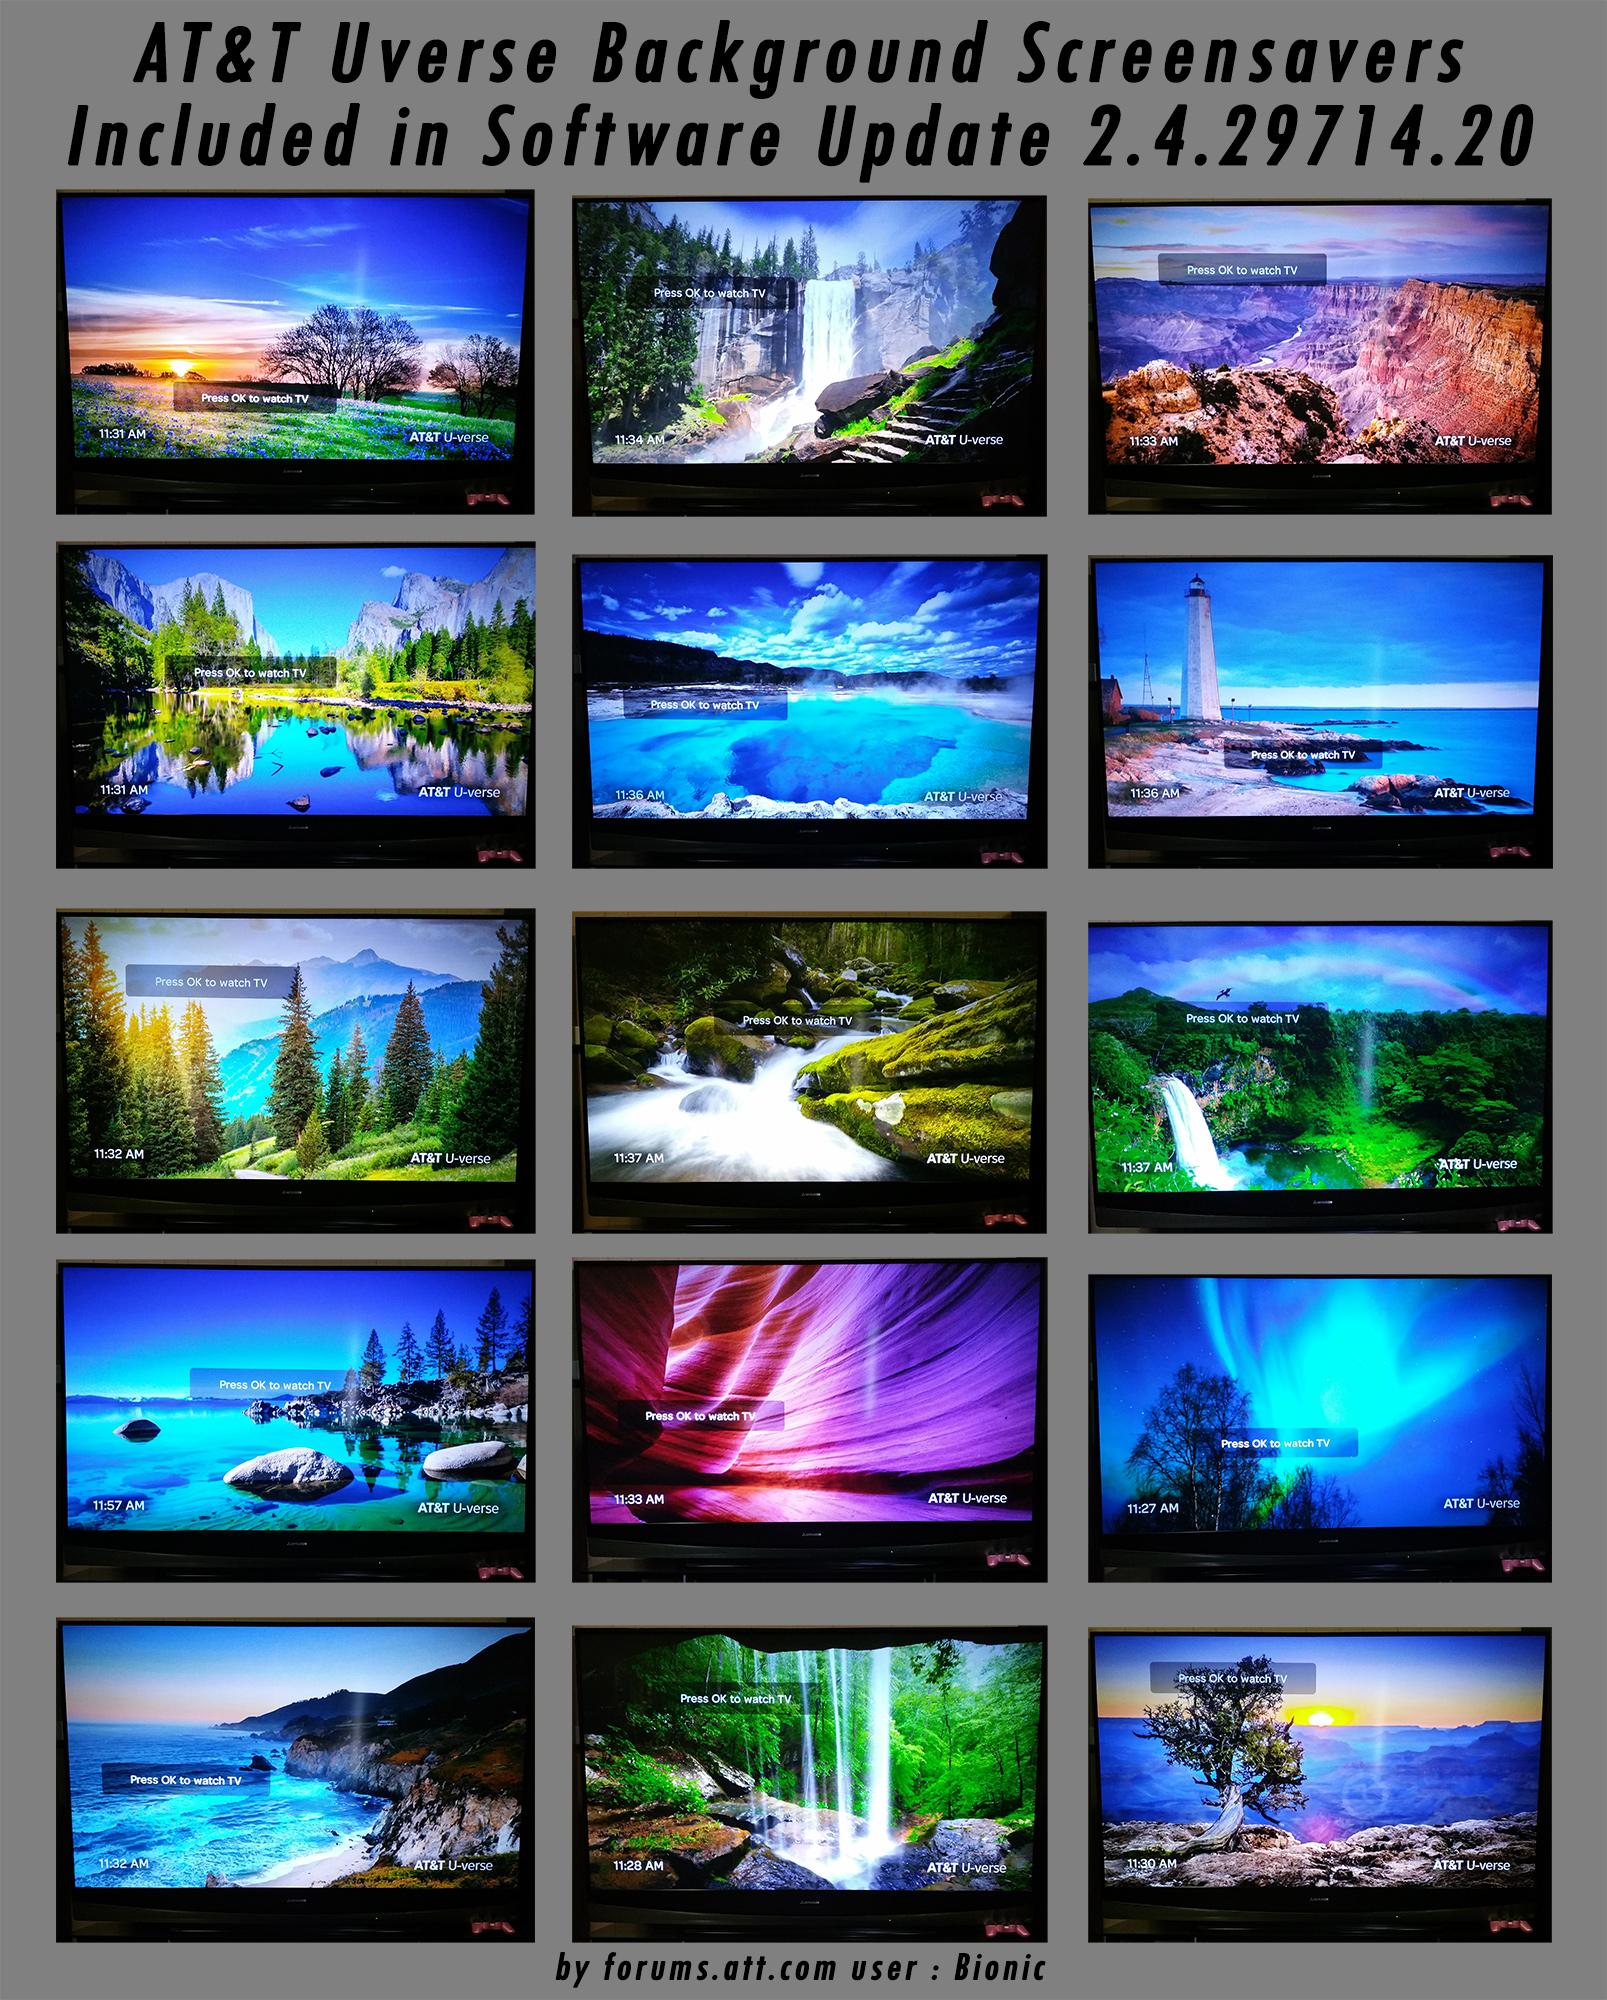 uverse-screensaver-background-slideshow-images.jpg